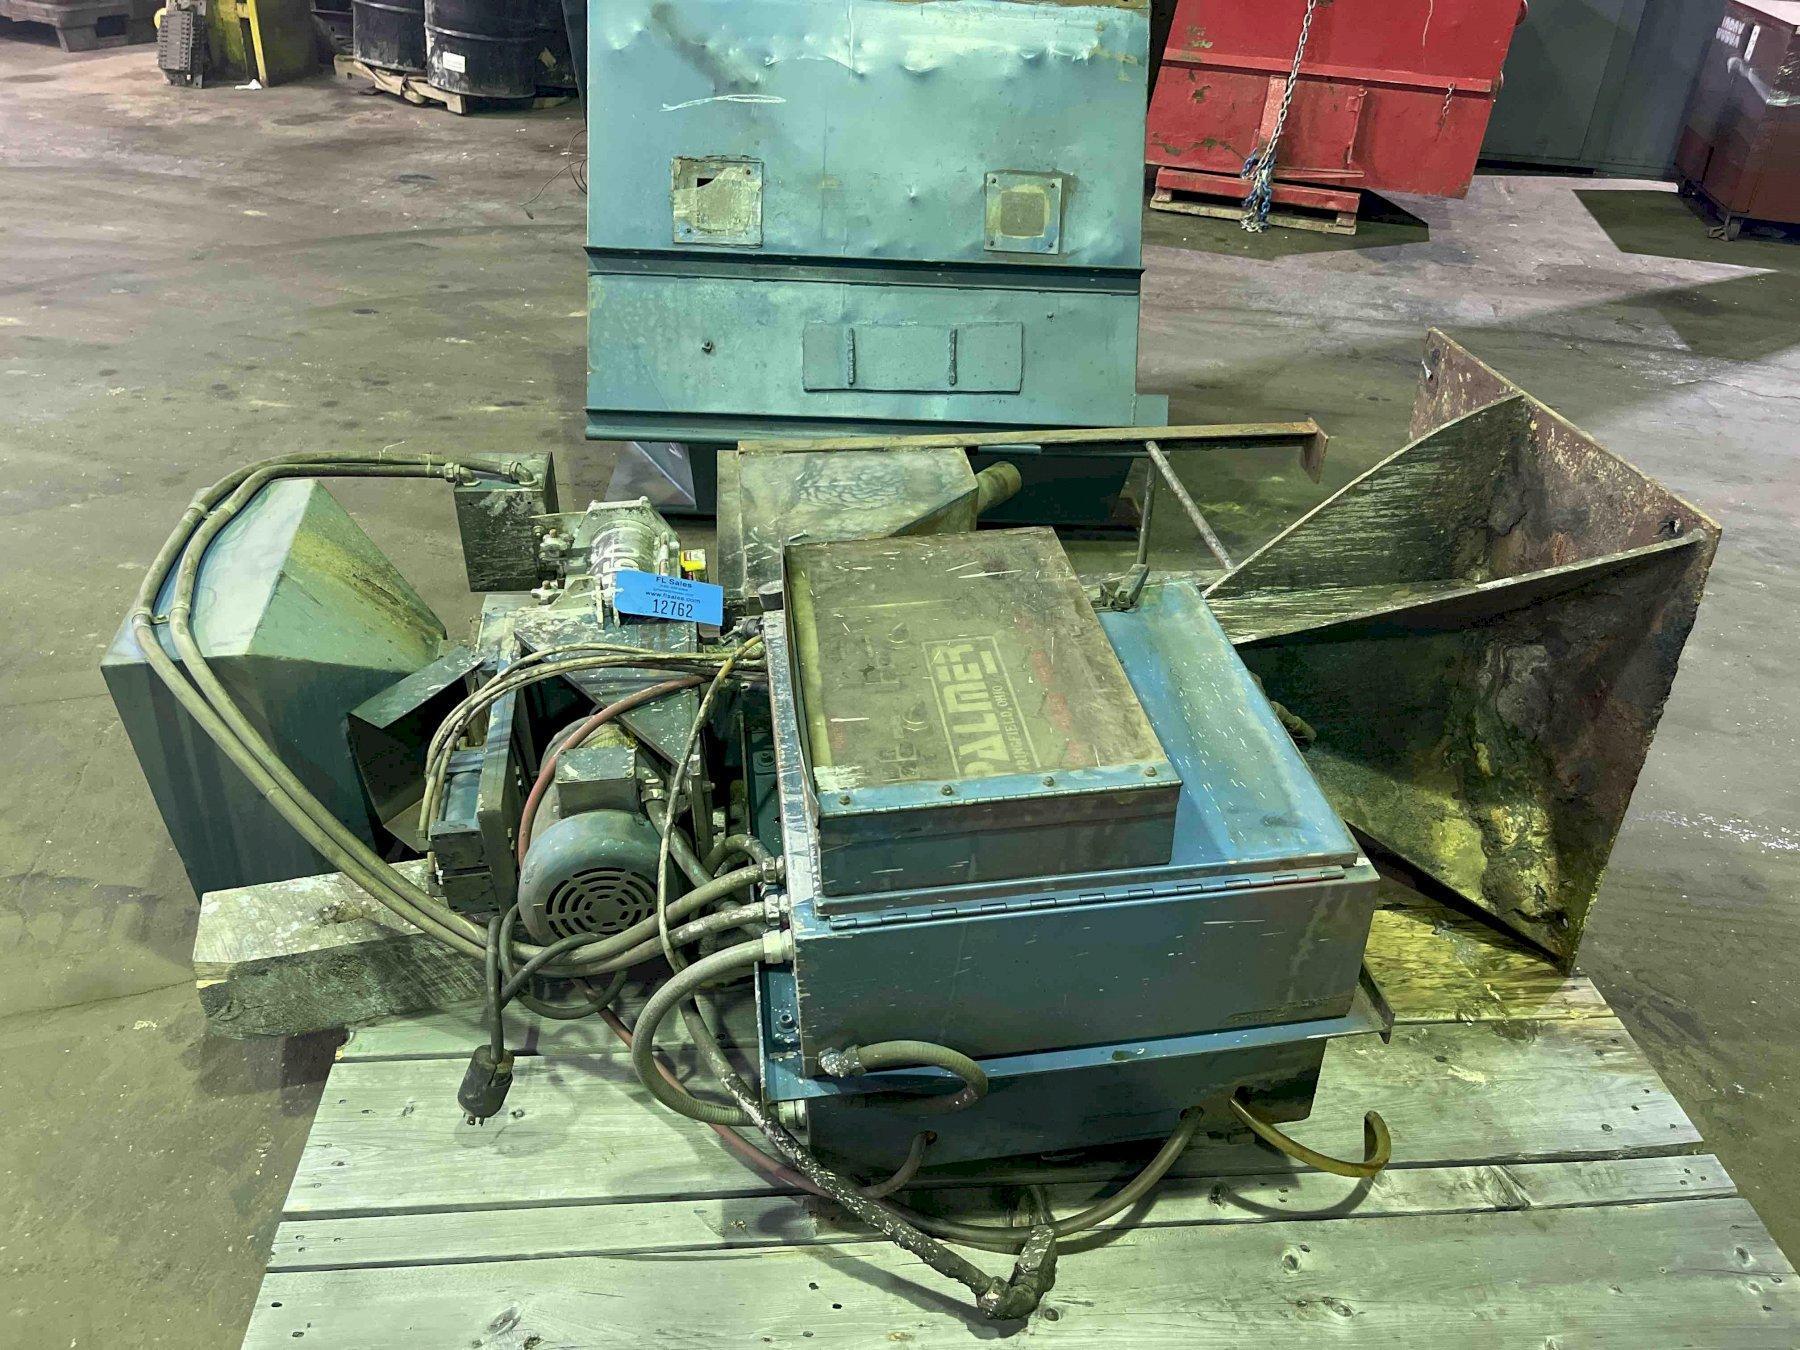 palmer model m50 50# per minute mixer s/n m125 with pumps, 3 pumps